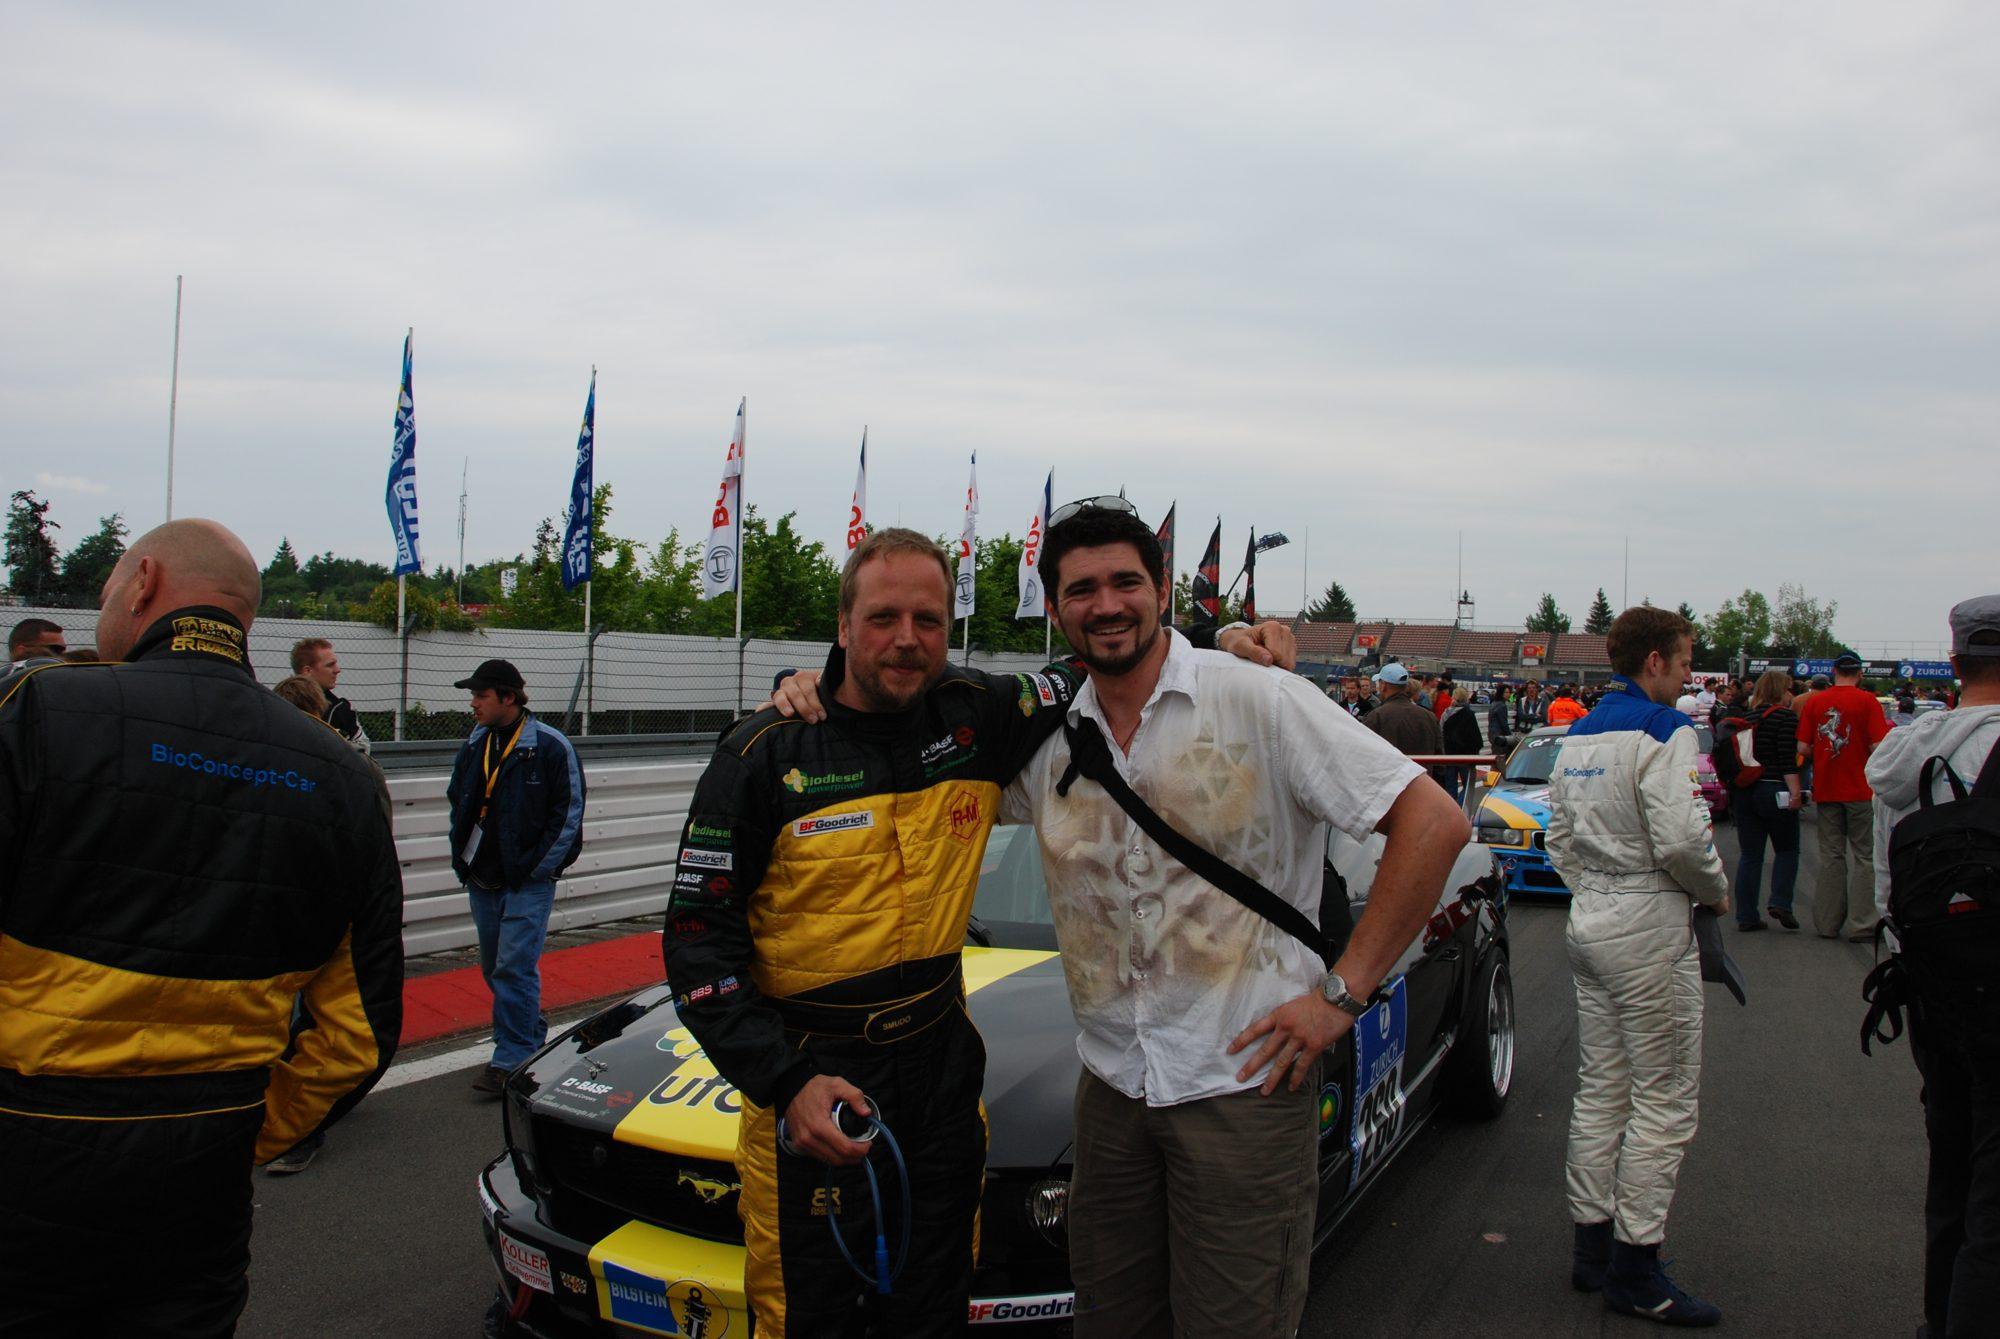 Mai 2008 - Vor dem Start zum 24h Rennen auf dem Nürburgring. SMUDO und Thilo mit Bio-Diesel Mustang.